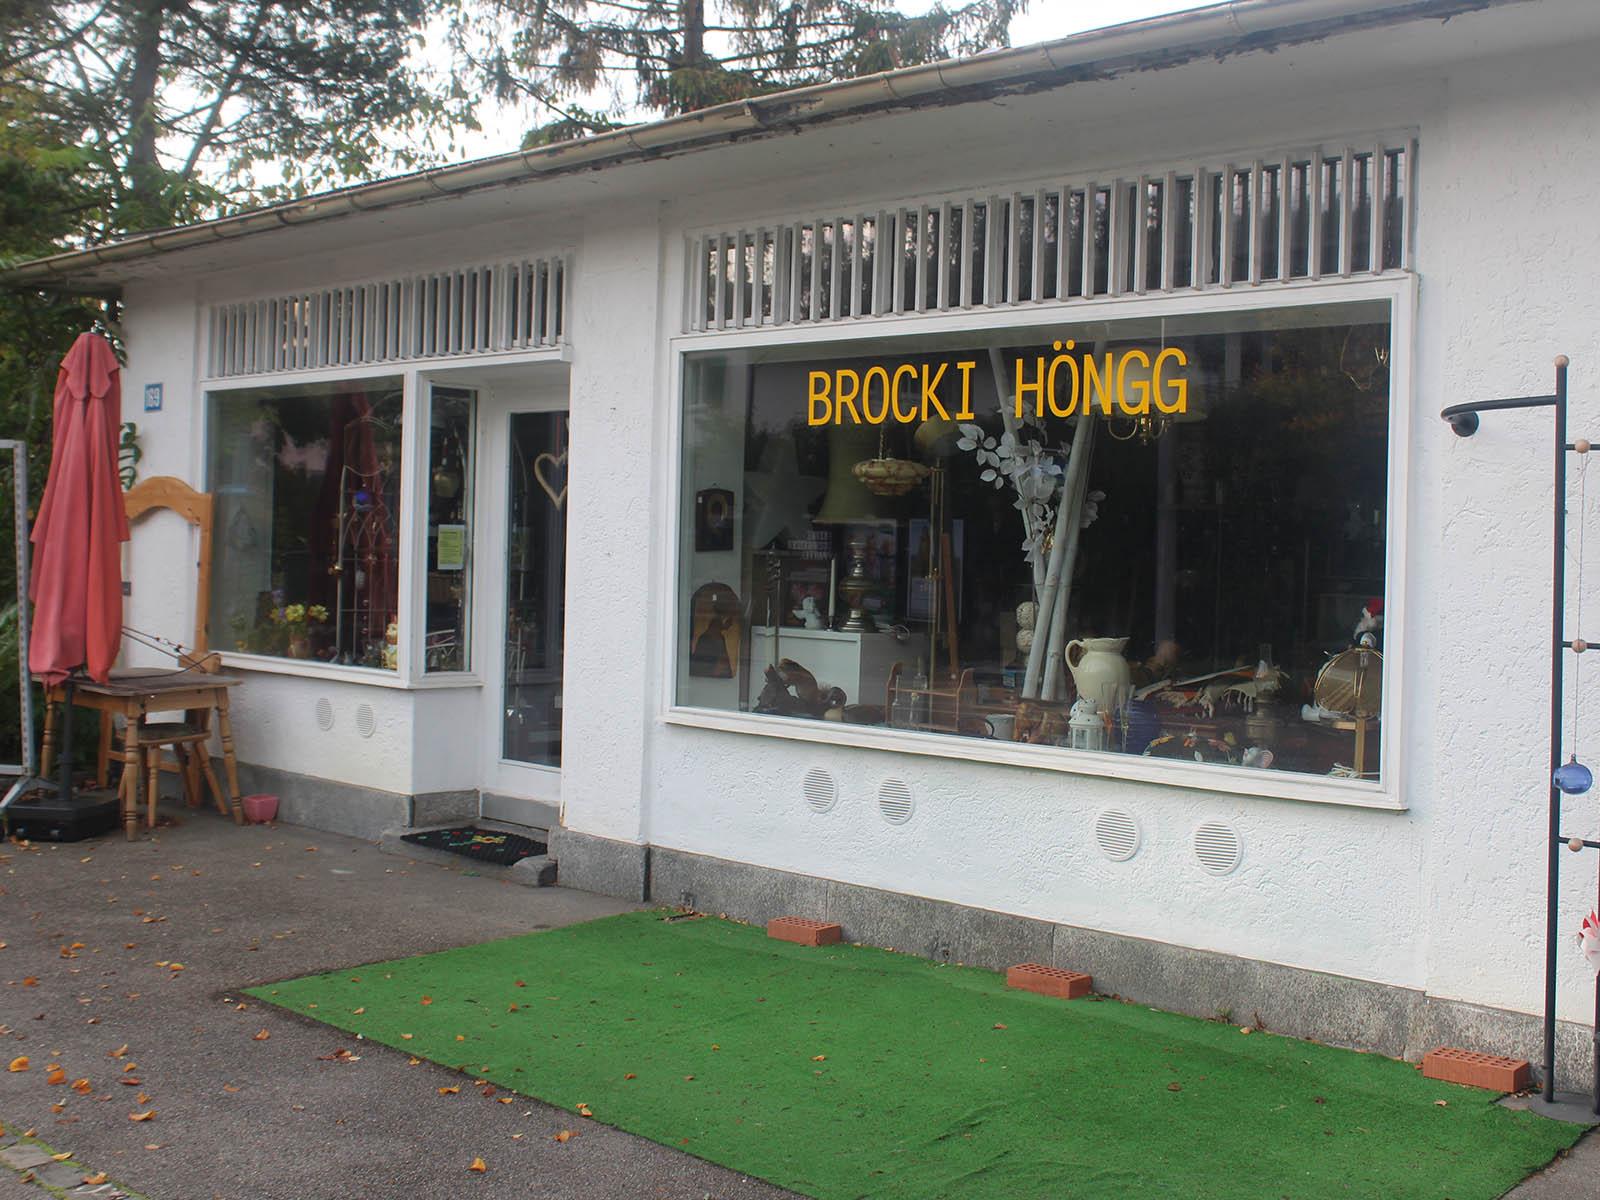 Das Gebäude wird durch ein Mehrfamilienhaus ersetzt - das Brocki sucht einen neuen Standort.